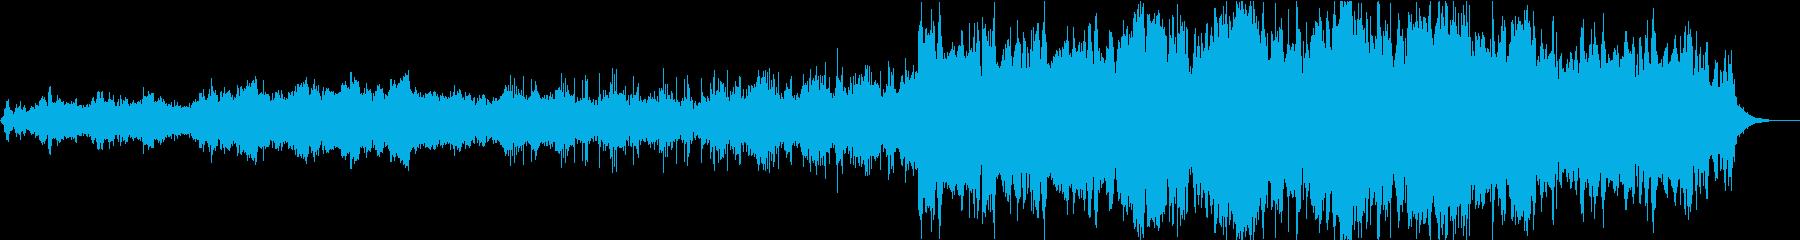 穏やかな波をイメージしたアンビエント曲の再生済みの波形